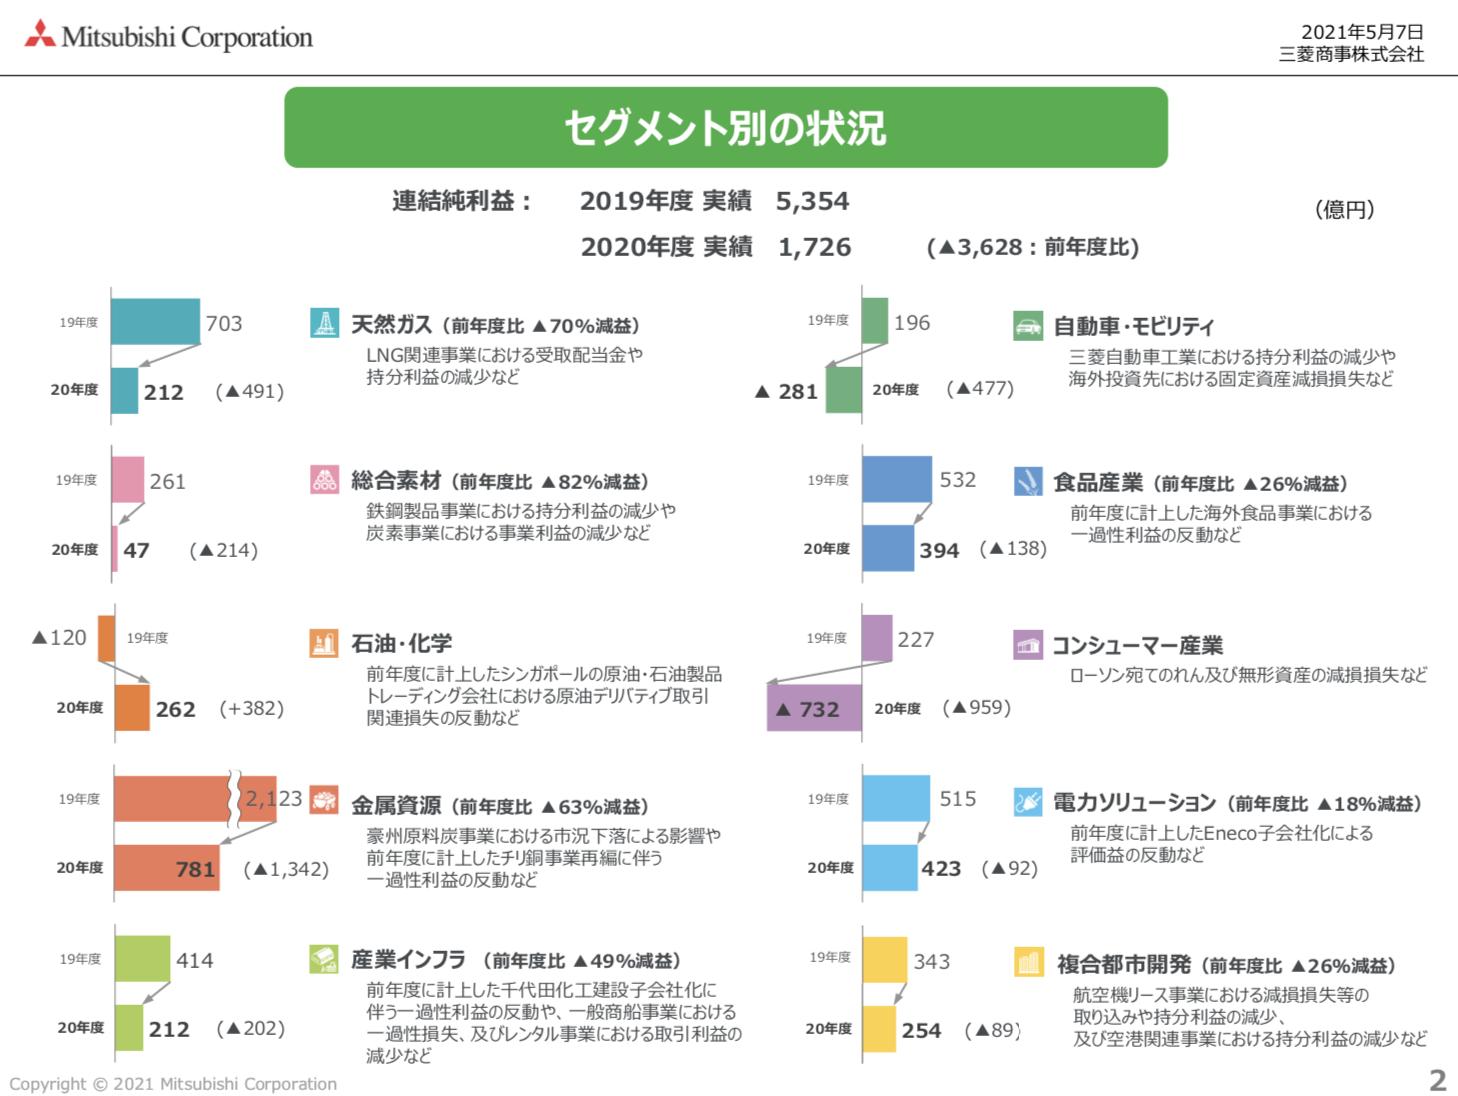 三菱商事 2020年度決算